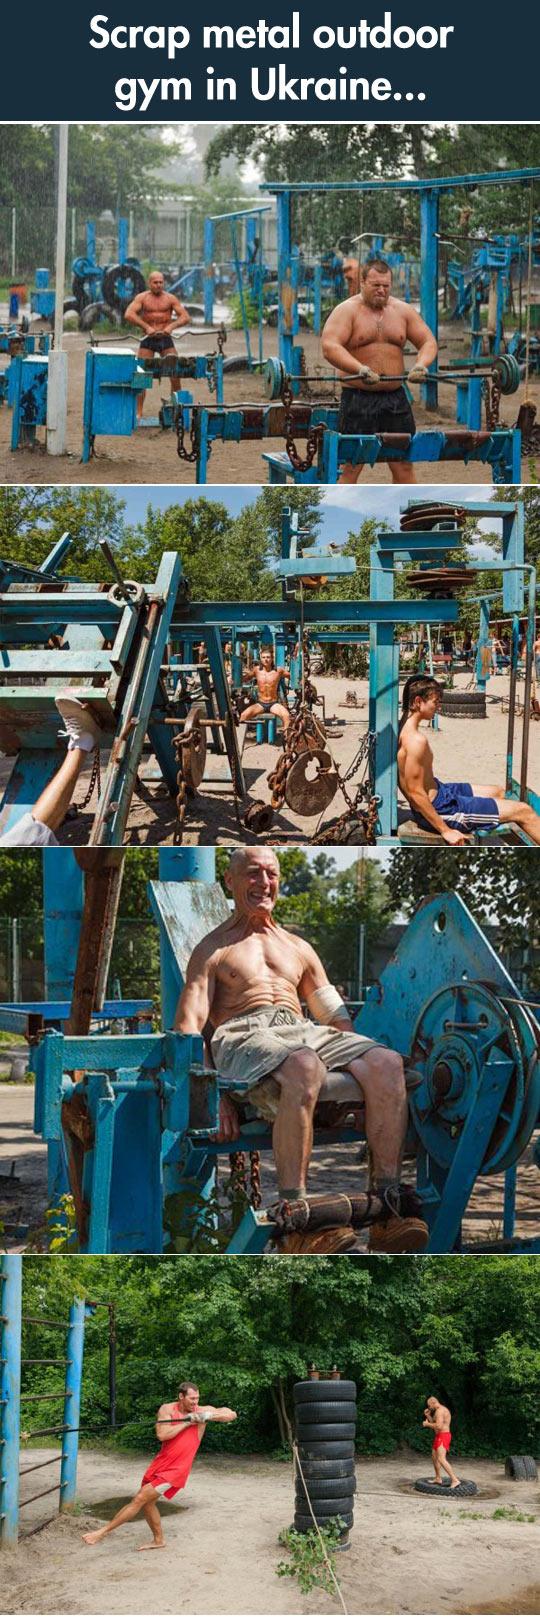 cool-scrap-metal-outdoor-gym-Ukraine